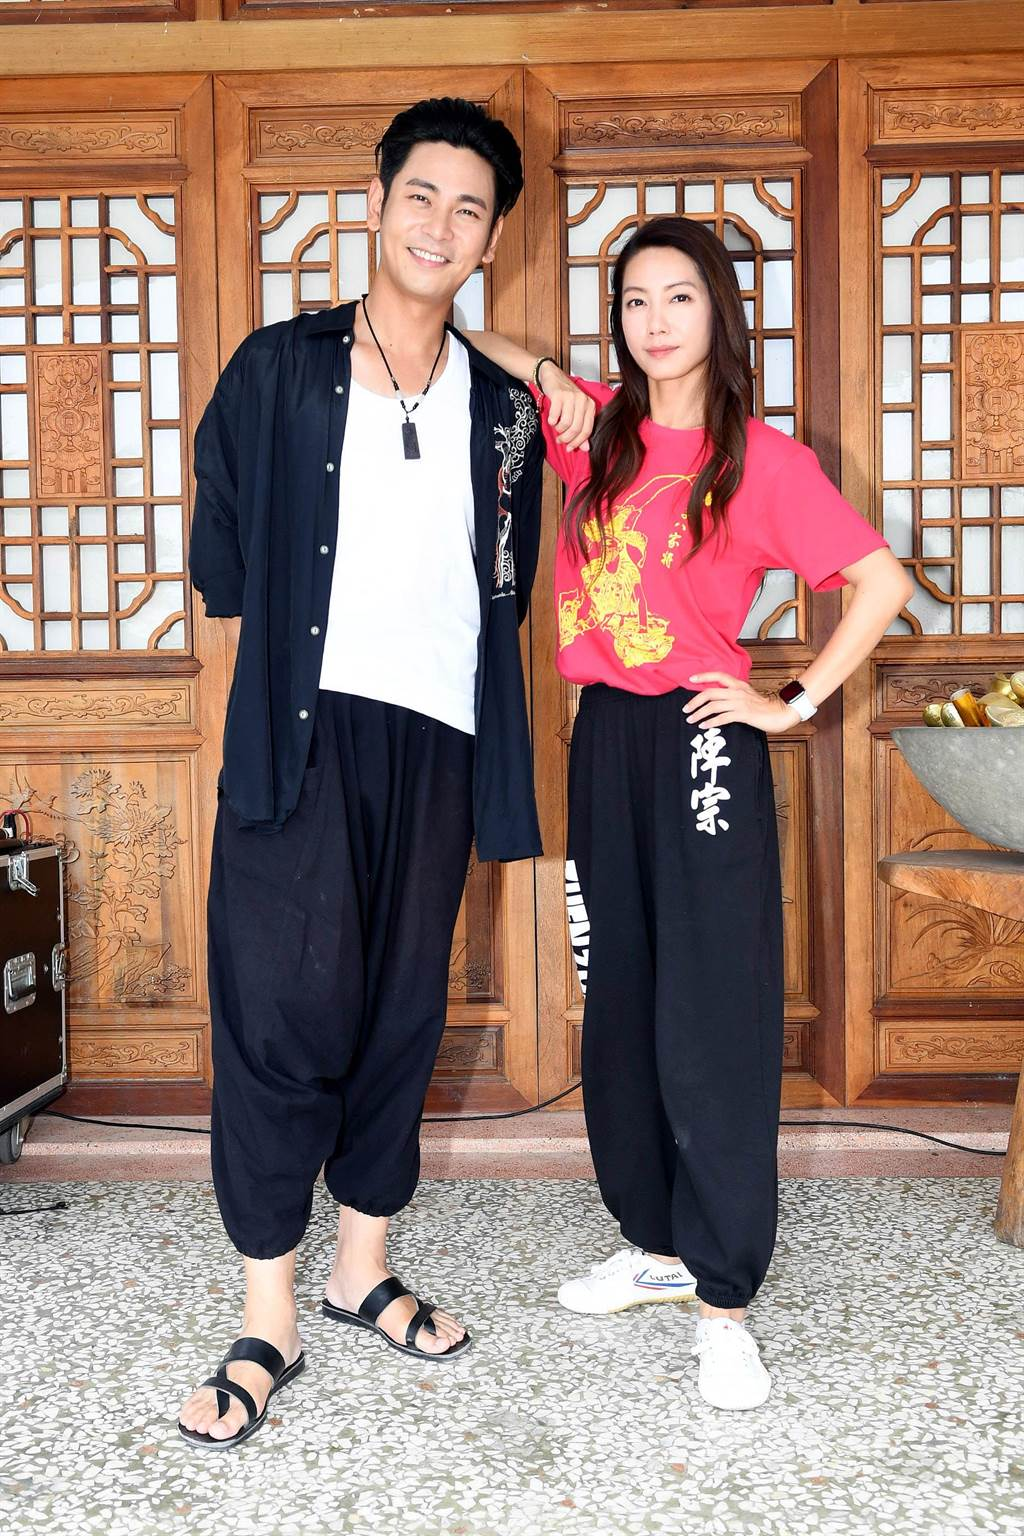 《神將少女八家將》主要演員楊子儀、林韋君。(華視提供)